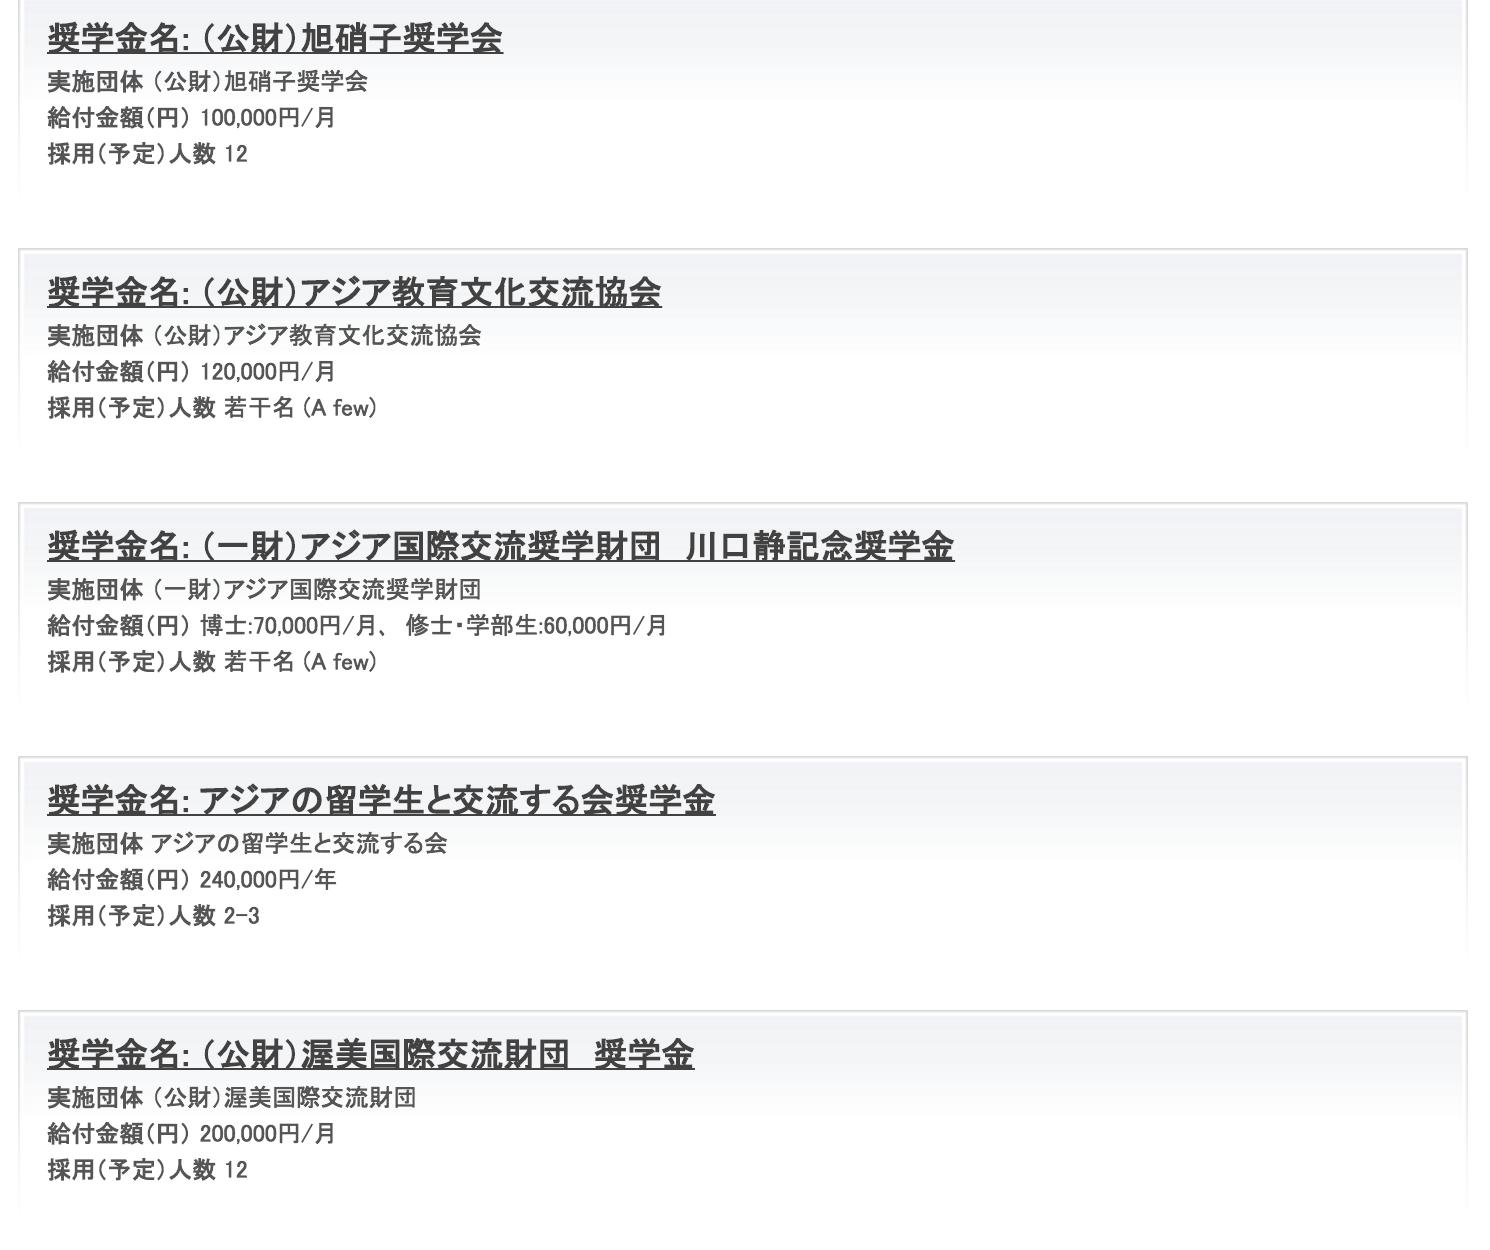 スクリーンショット 2016-02-26 13.48.48